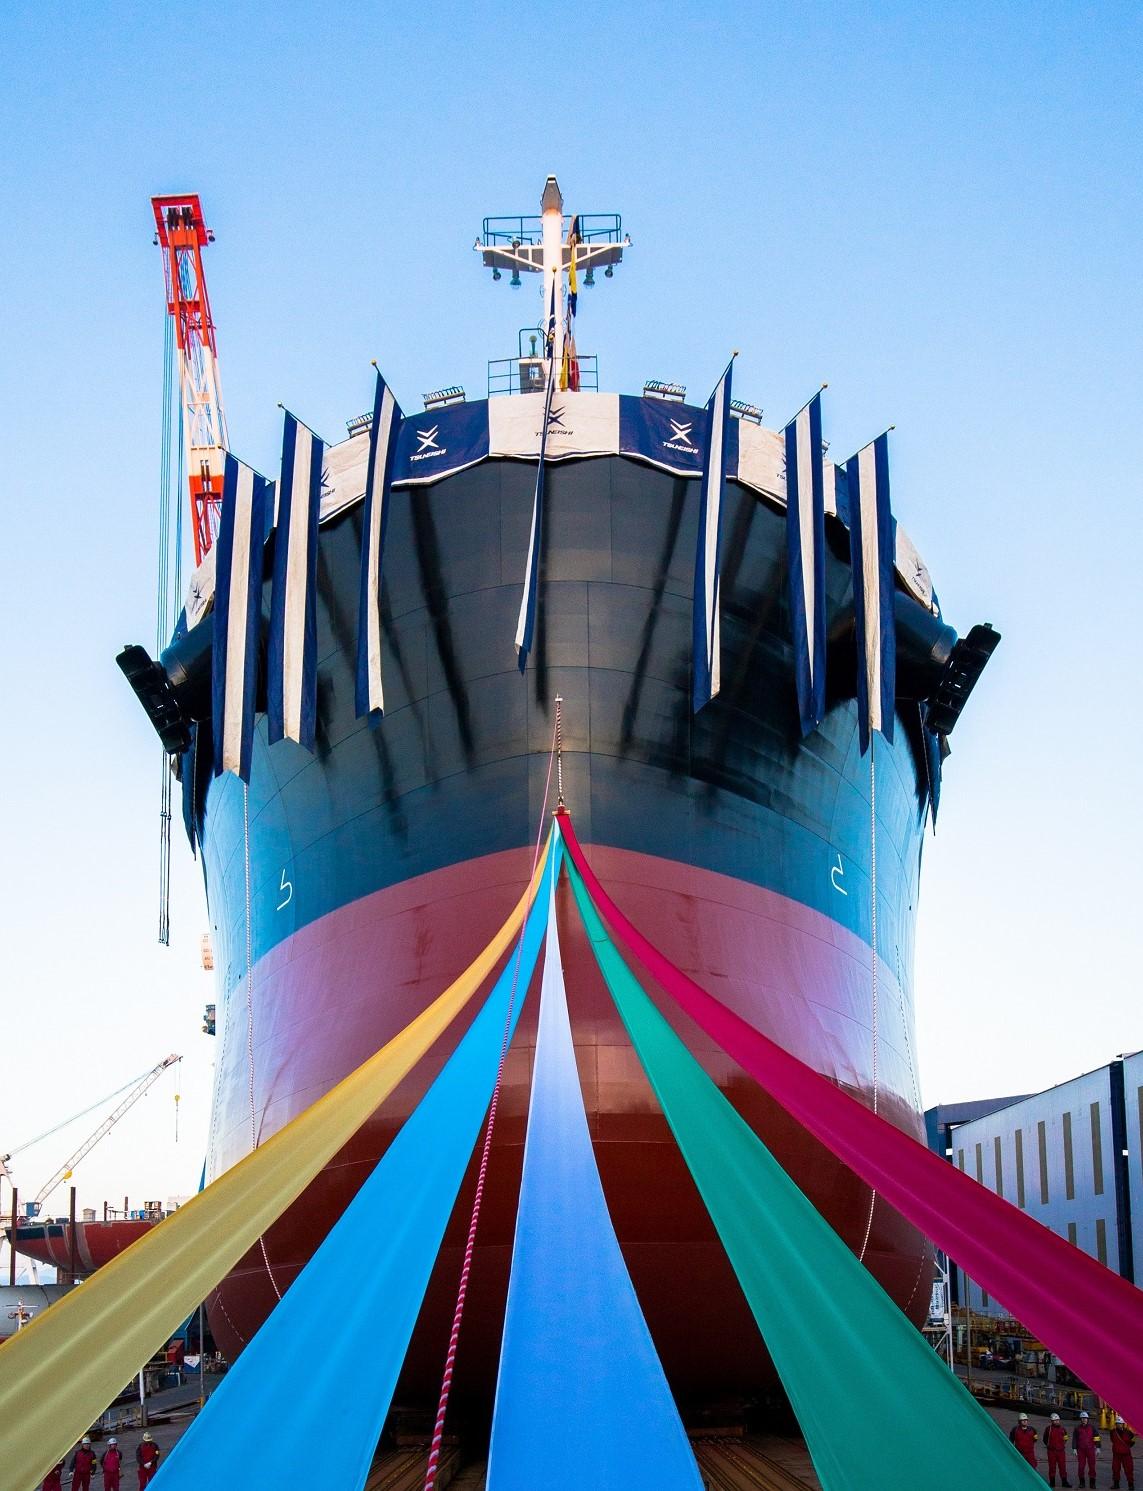 2017年11月17日,现场直播8万吨级散货船进水仪式~常石造船 广岛县福山市 常石工厂 第一船台